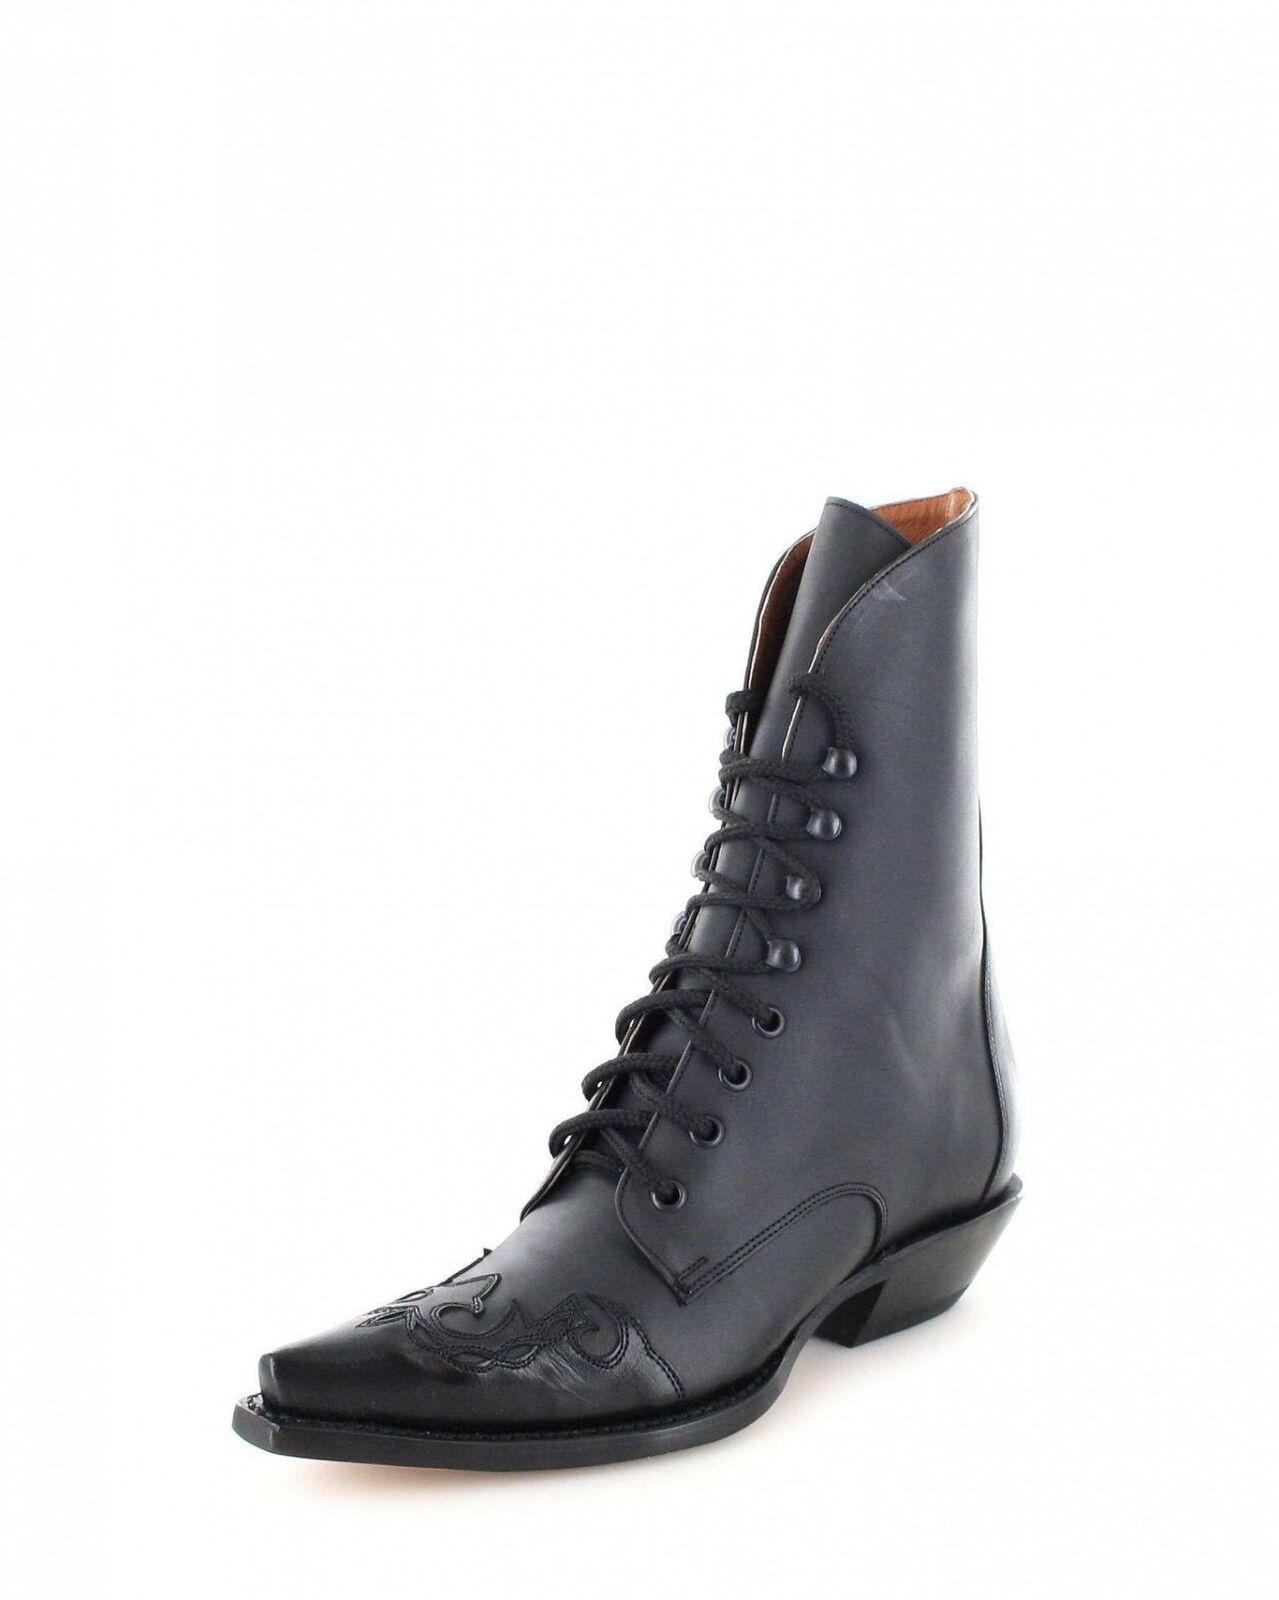 Mezcalero bottes à 0756 noir femme westernschnürbottesette